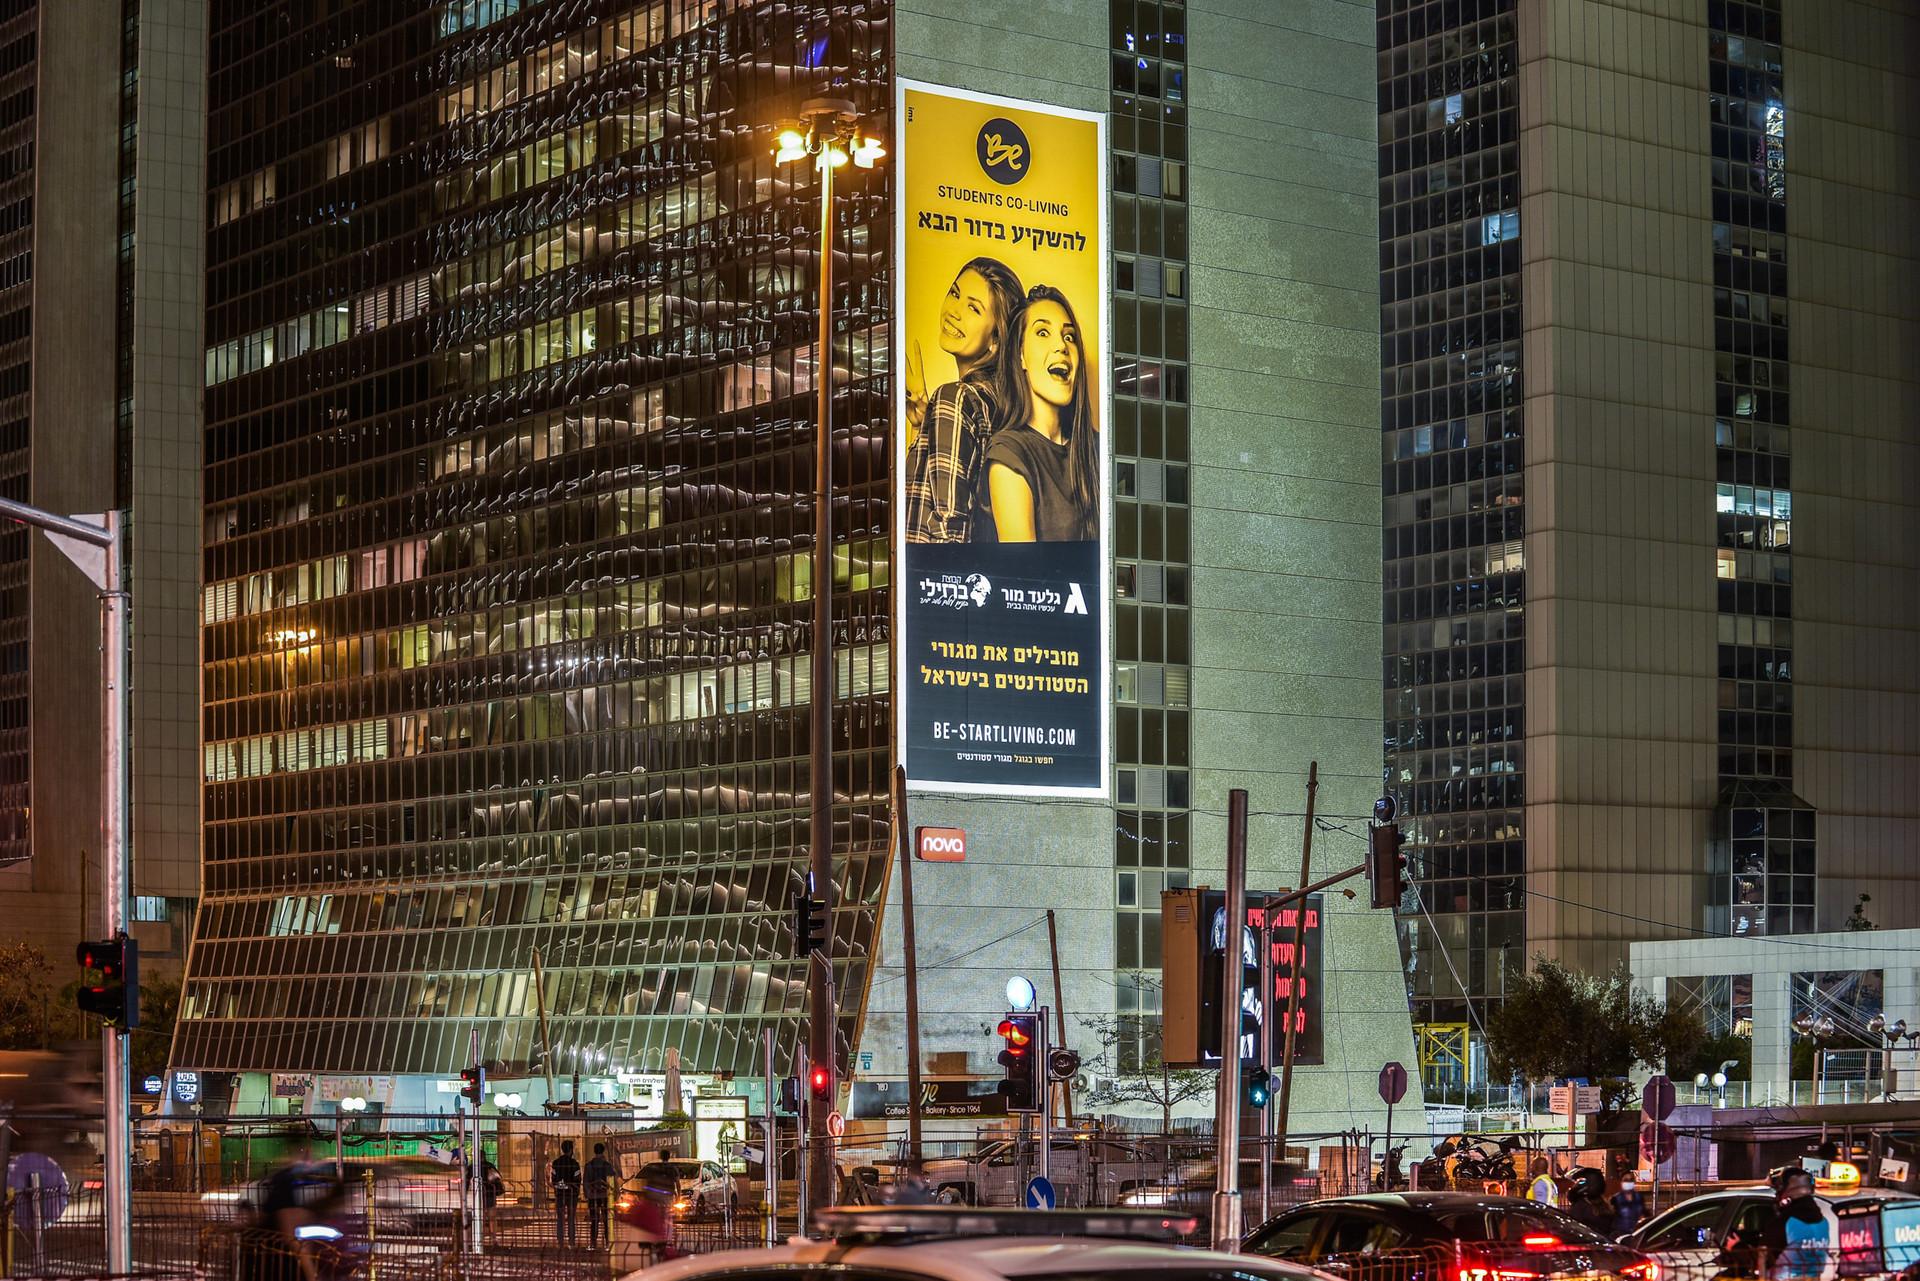 גלעד מור | ברזילי - פרסום חוצות